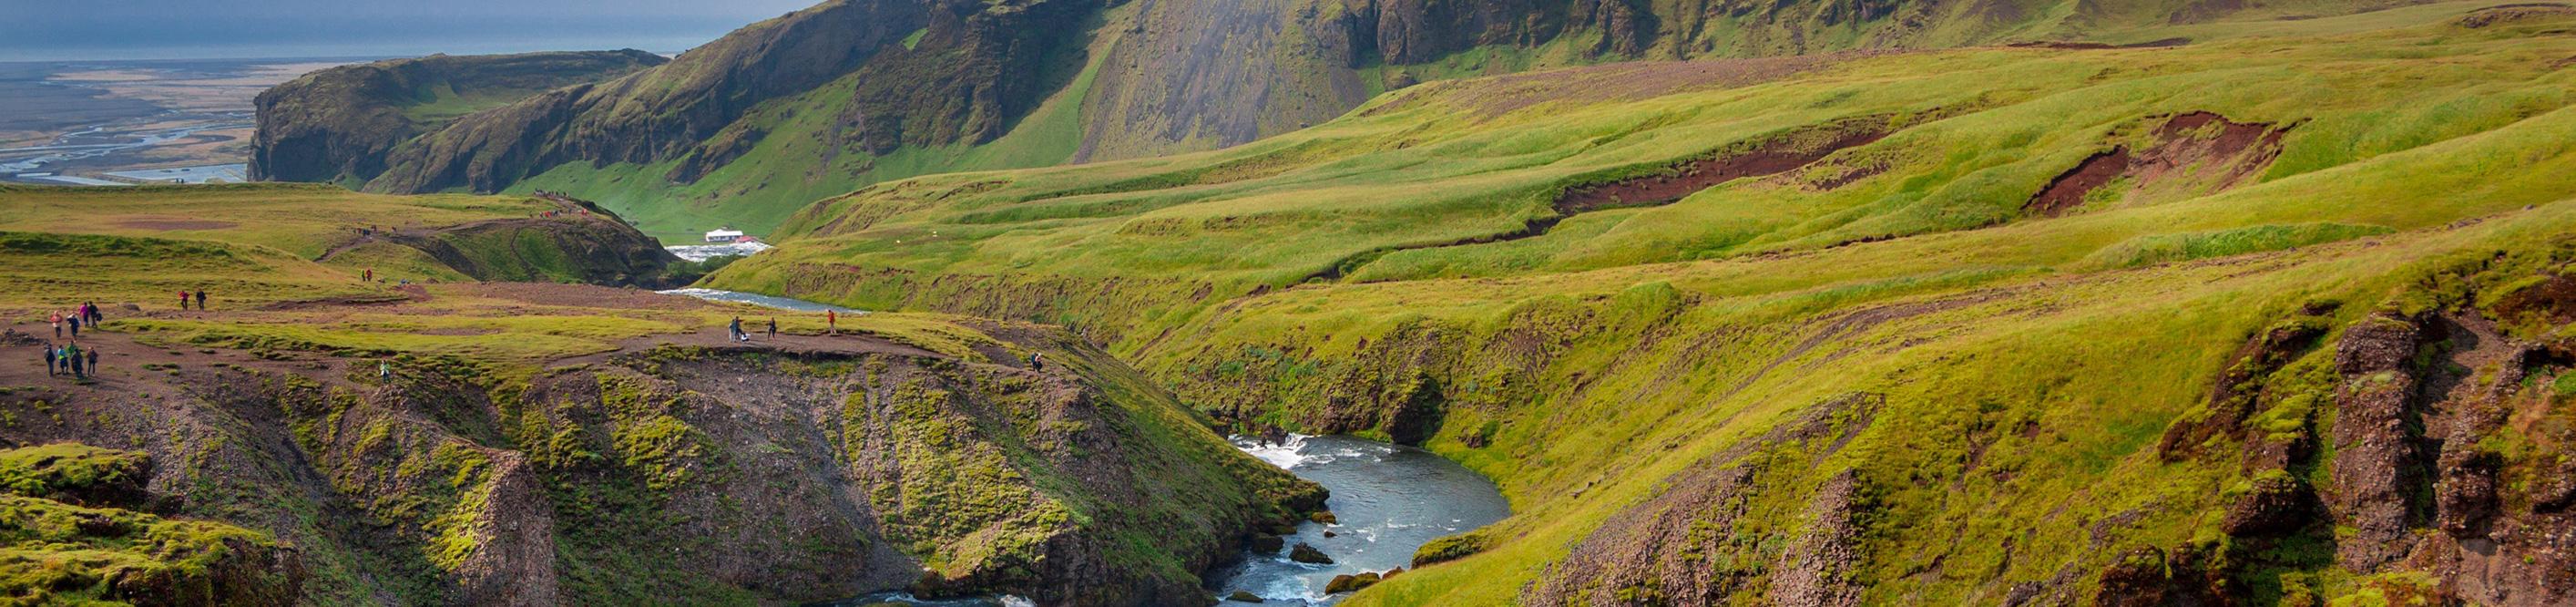 Морской криуз по Исландии